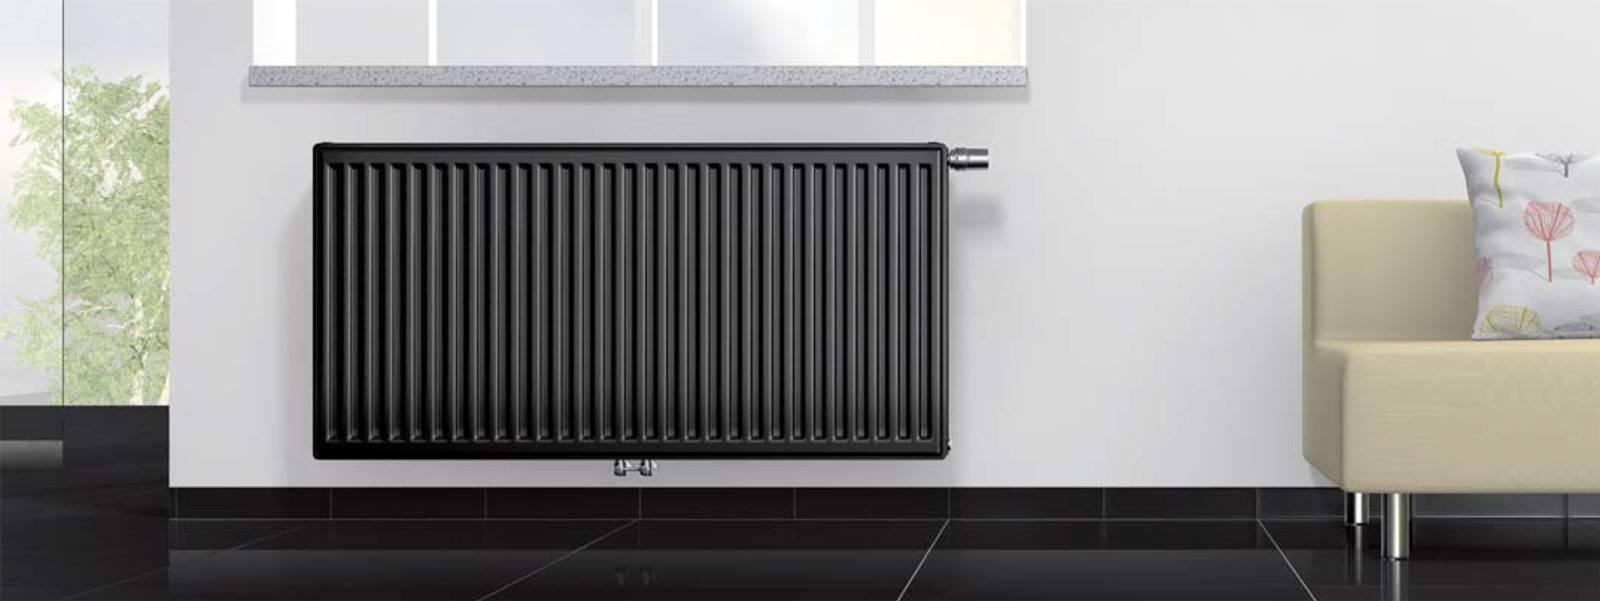 10 лучших стальных радиаторов отопления - рейтинг 2020 и советы по выбору